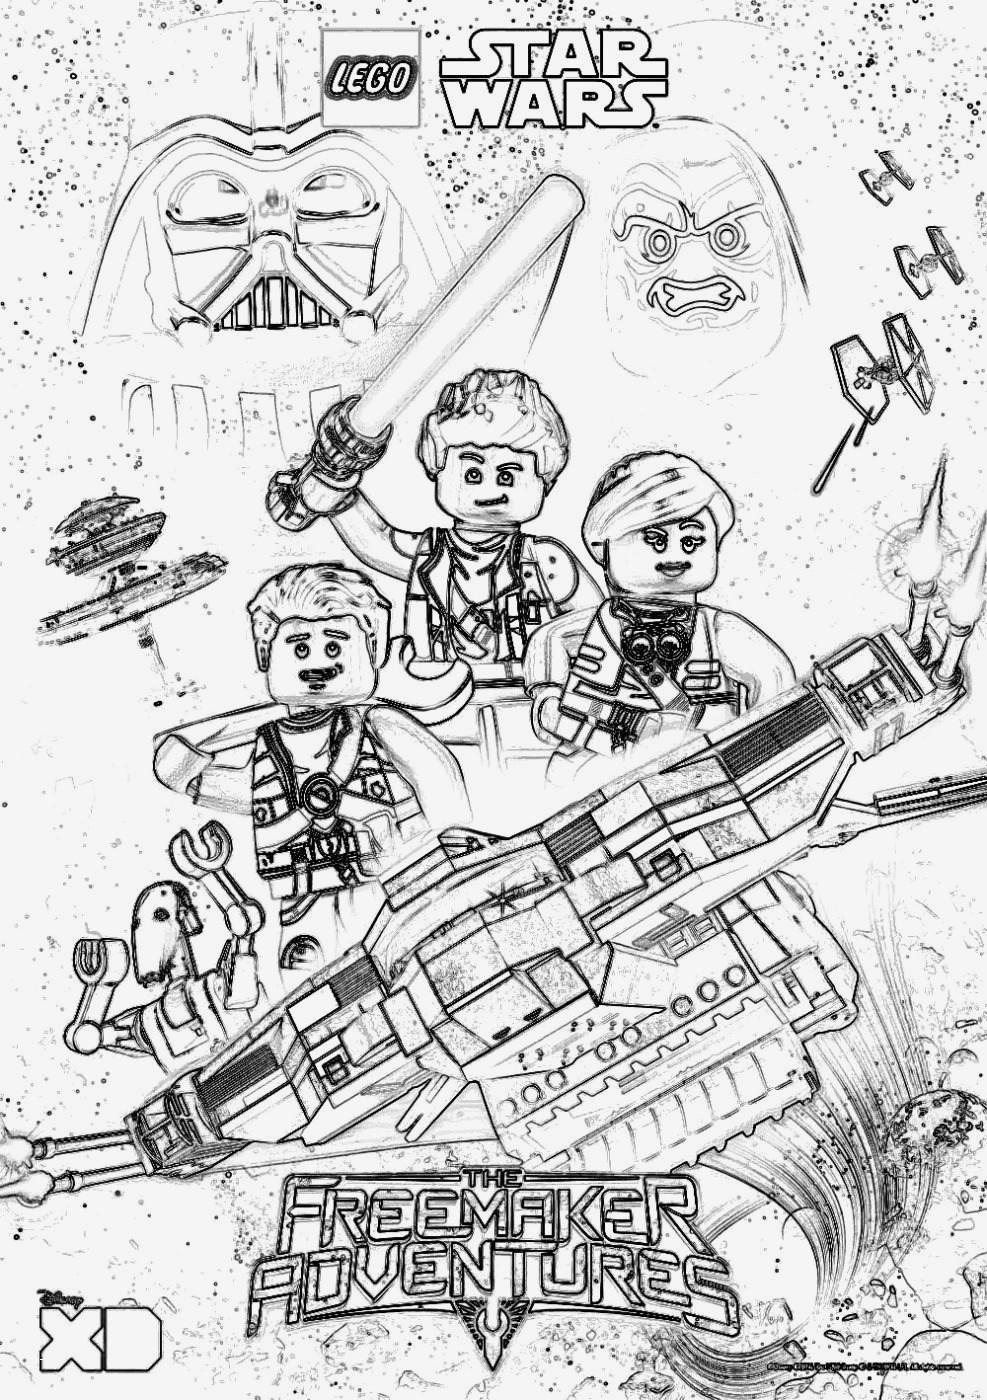 Lego Star Wars Ausmalbild Einzigartig Star Wars Malvorlagen Bildergalerie & Bilder Zum Ausmalen Lego Star Fotografieren